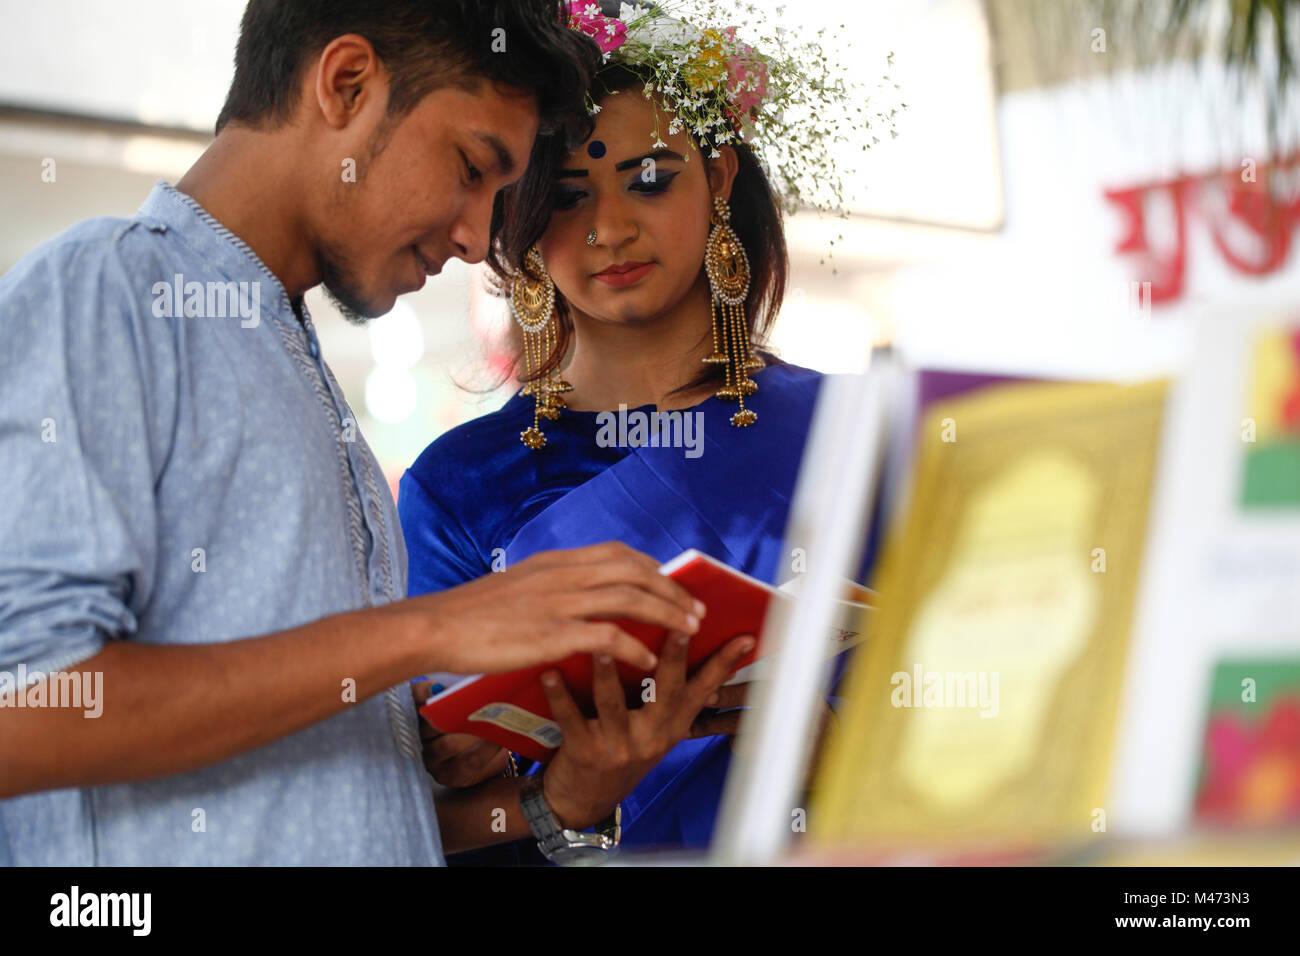 Dhaka bangladesh february 14 2018 bangladeshi couple in book fair to celebrate valentines day in dhaka on february 14 2018